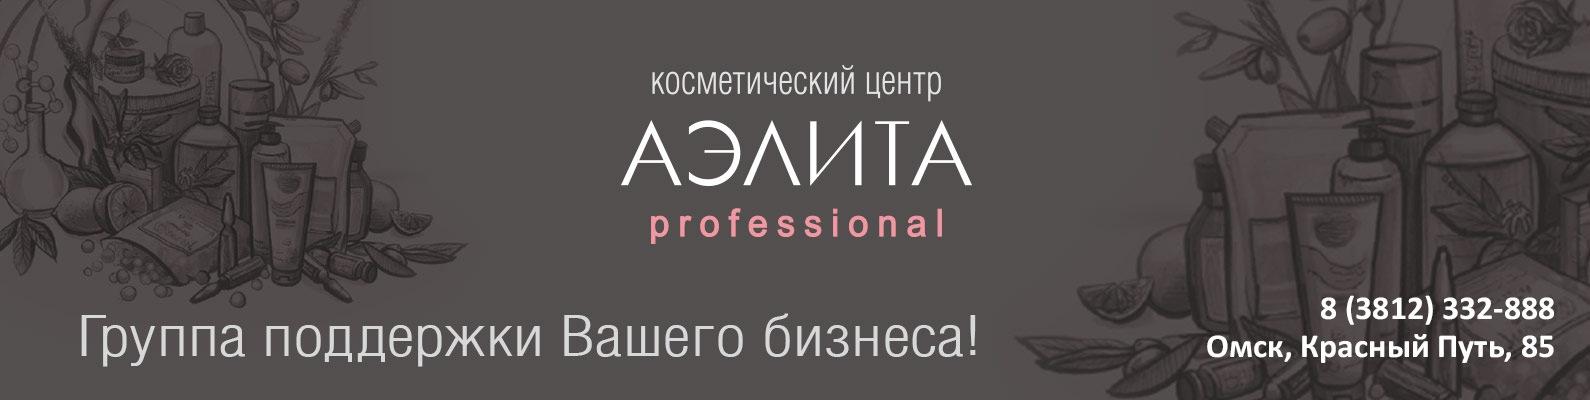 Аэлита омск салон красоты официальный сайт